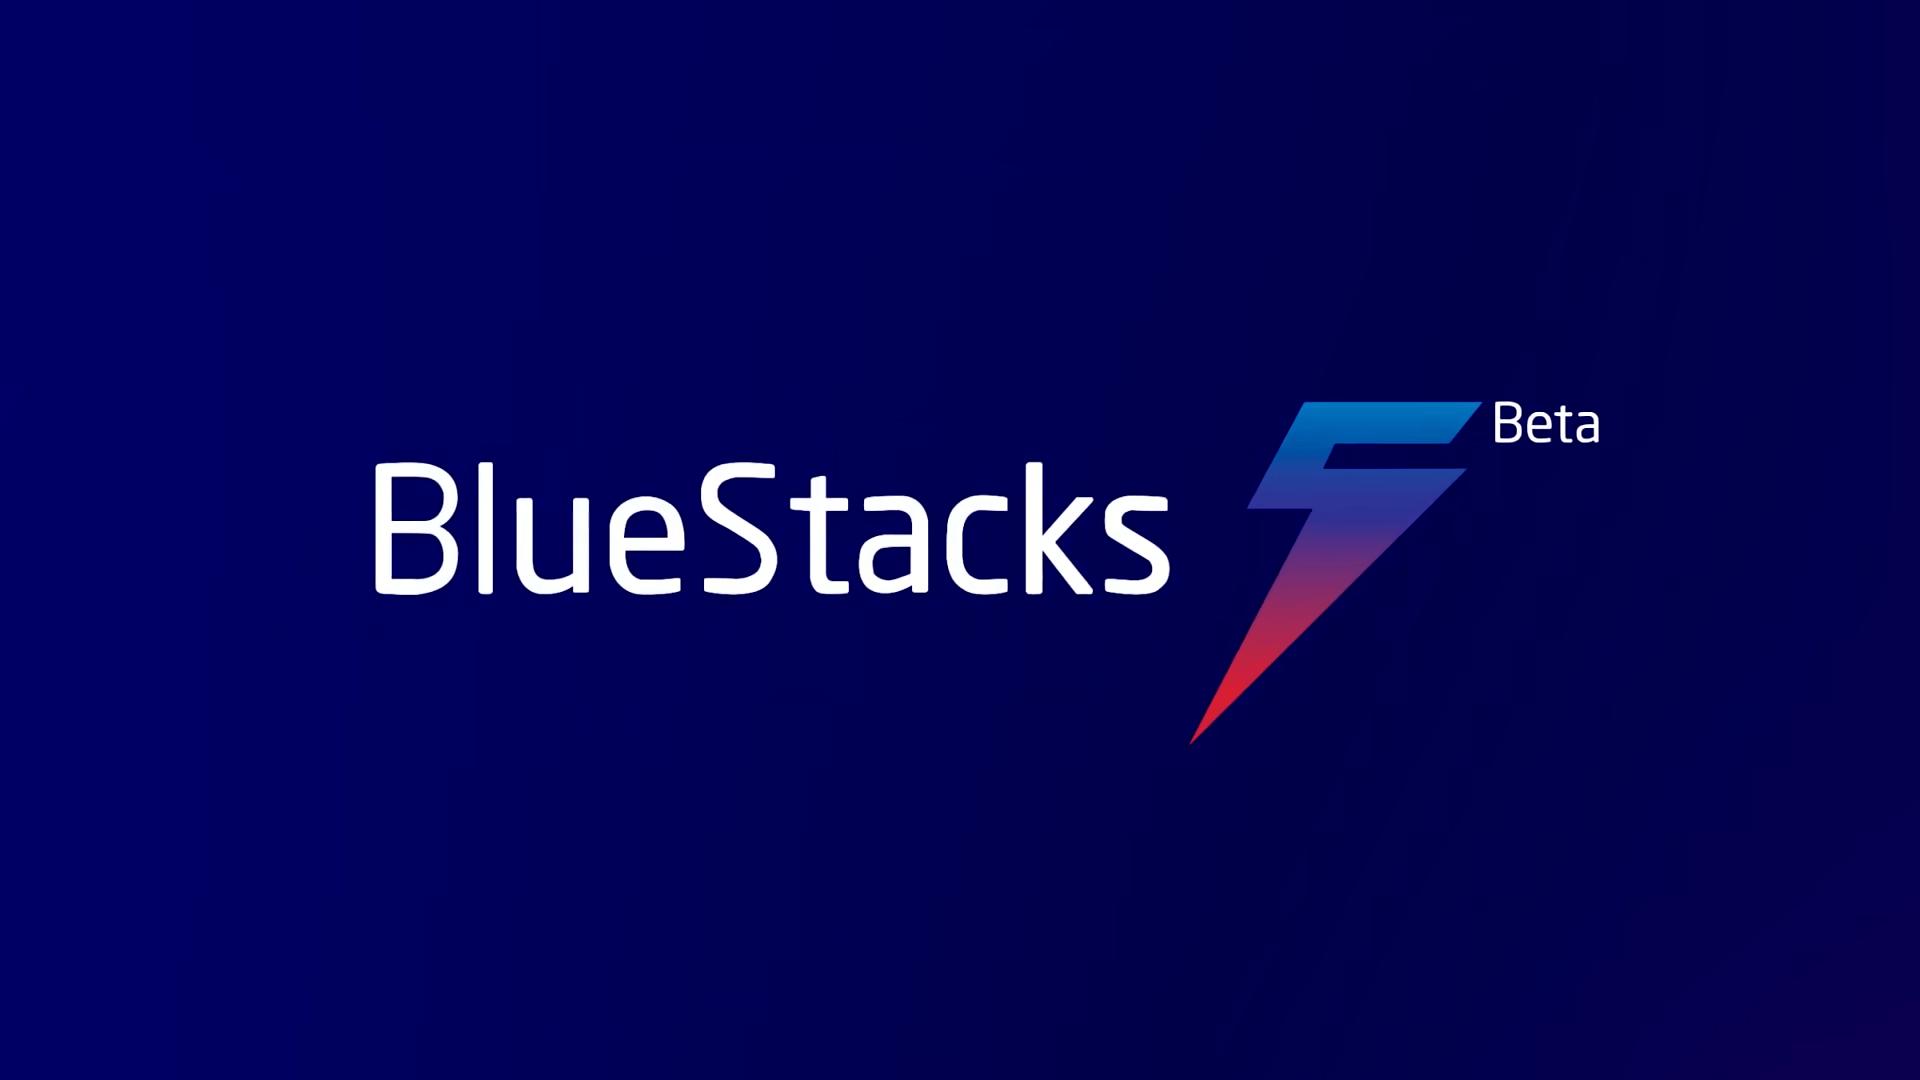 Lançamento global do BlueStacks 5 – Sete motivos para experimentar a nova versão